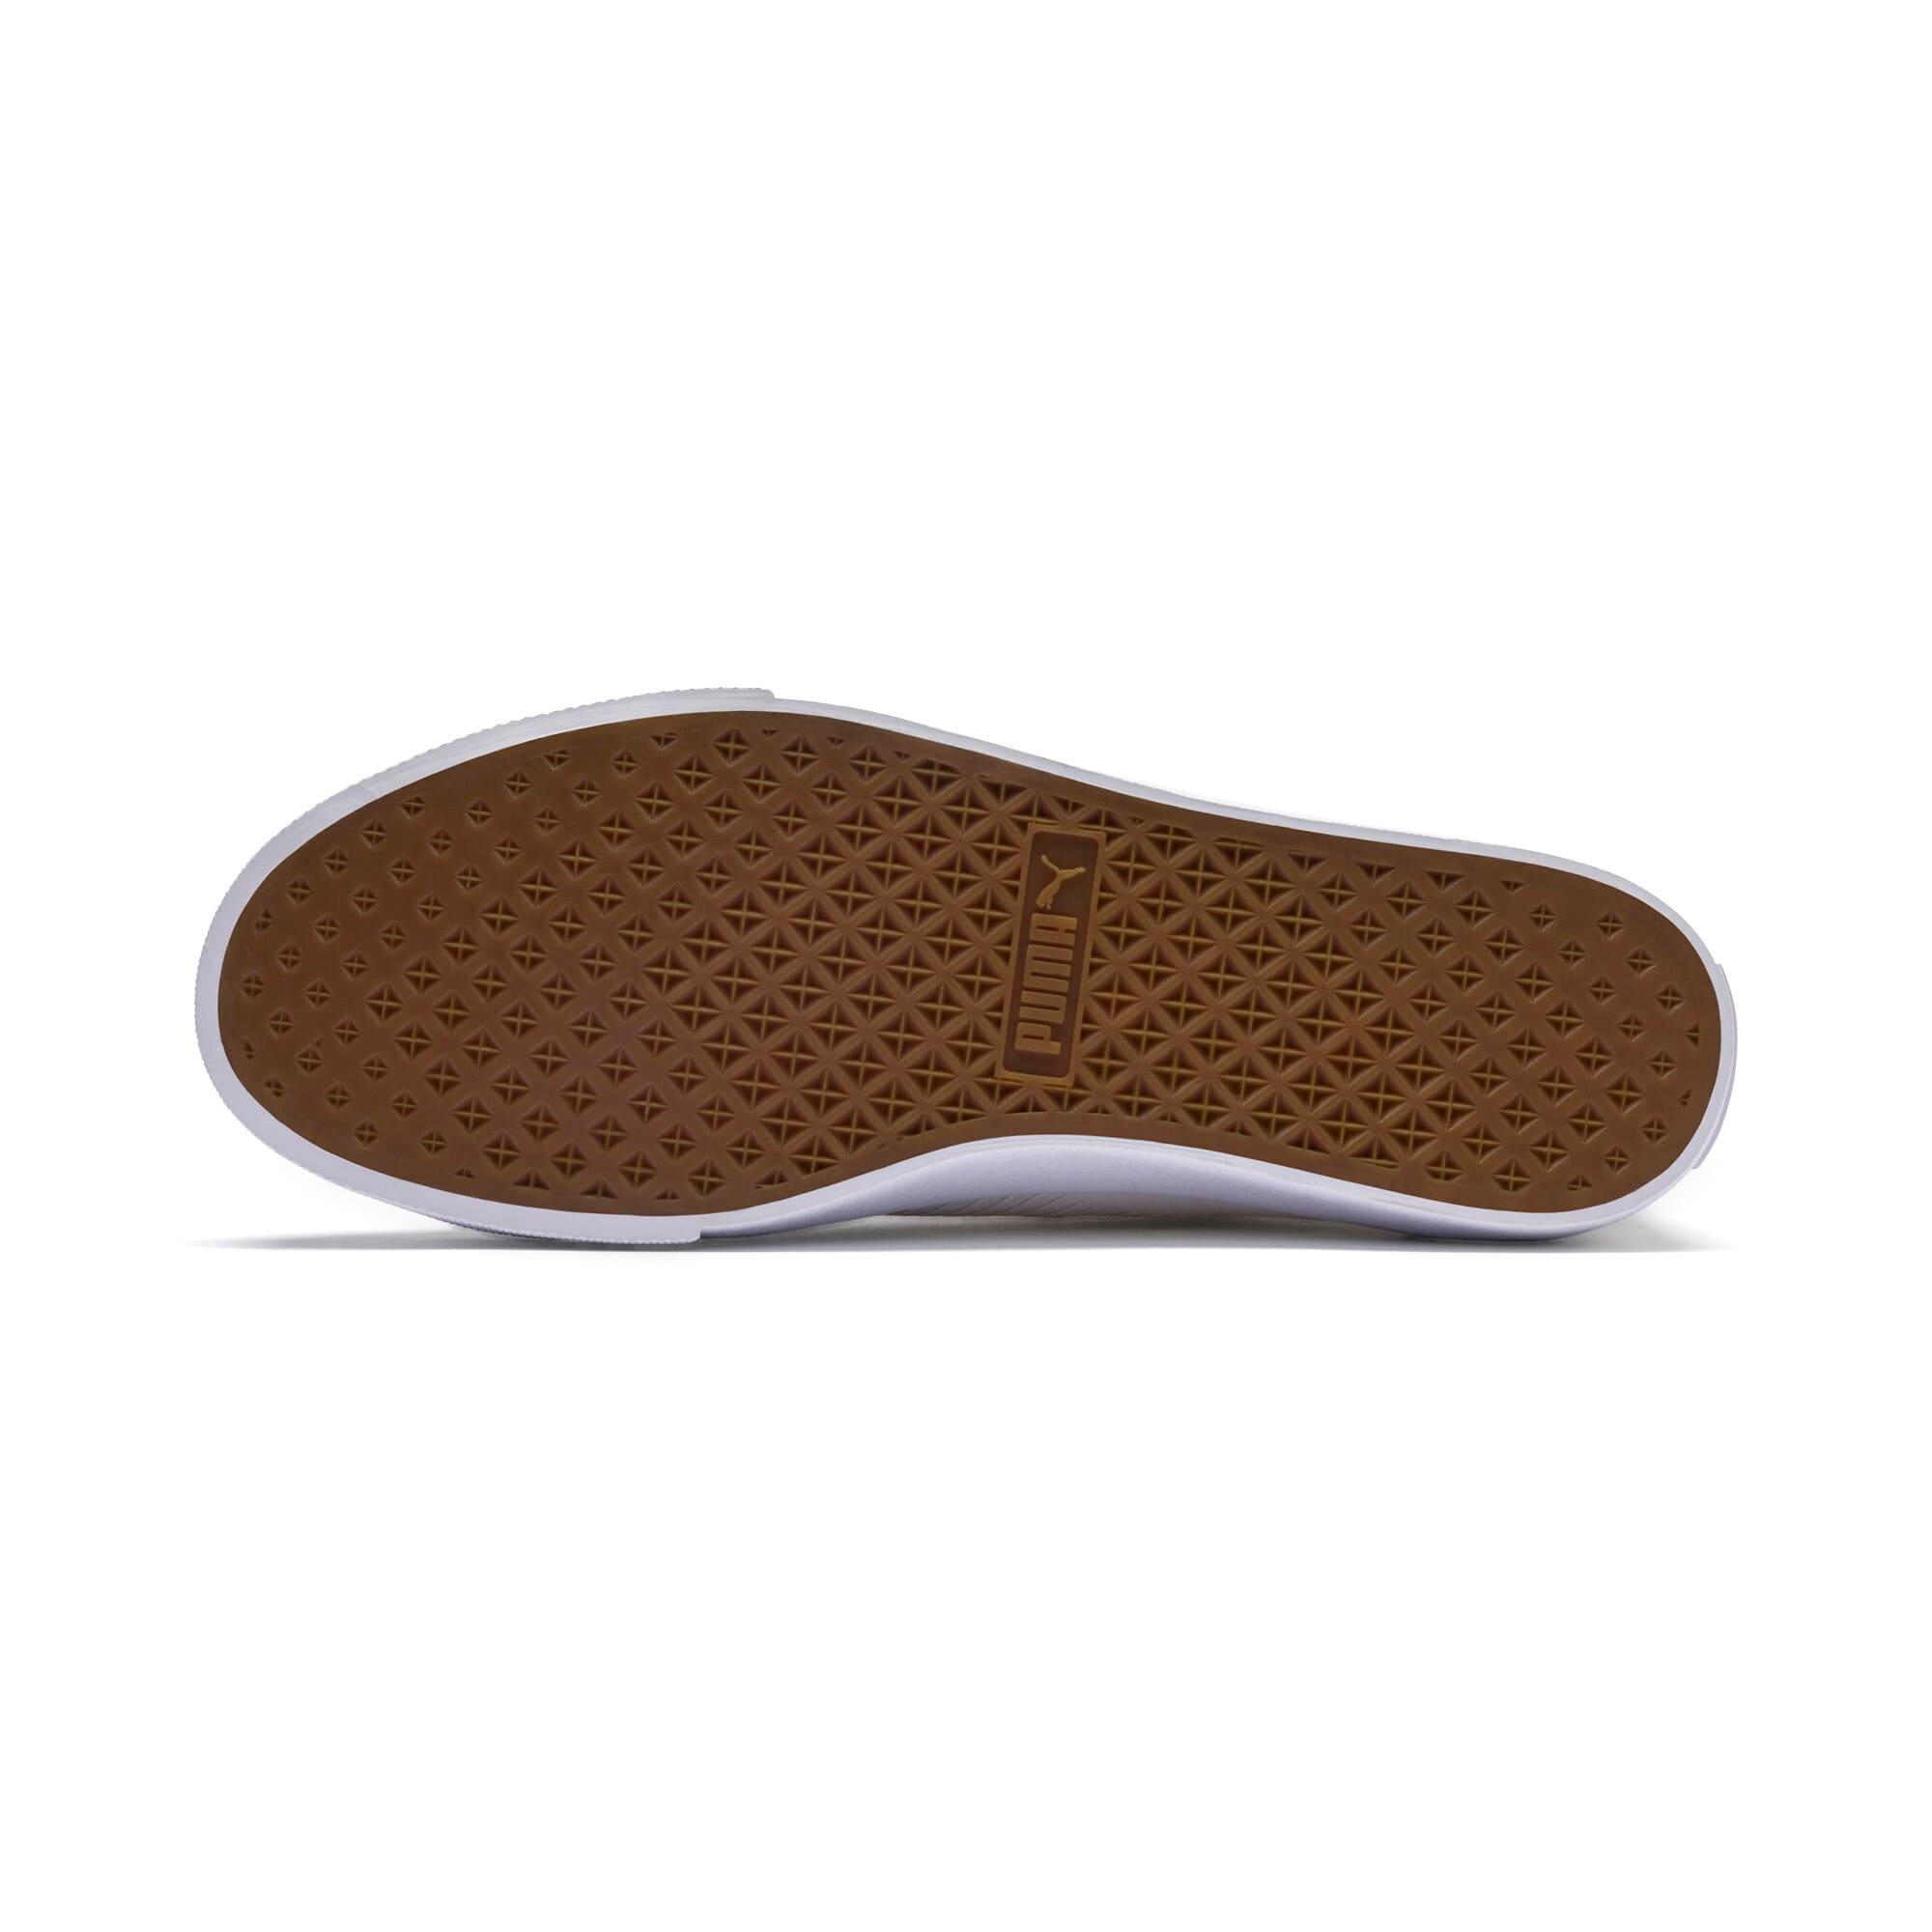 Thumbnail 3 of Bari Sneakers, Puma White-Puma White, medium